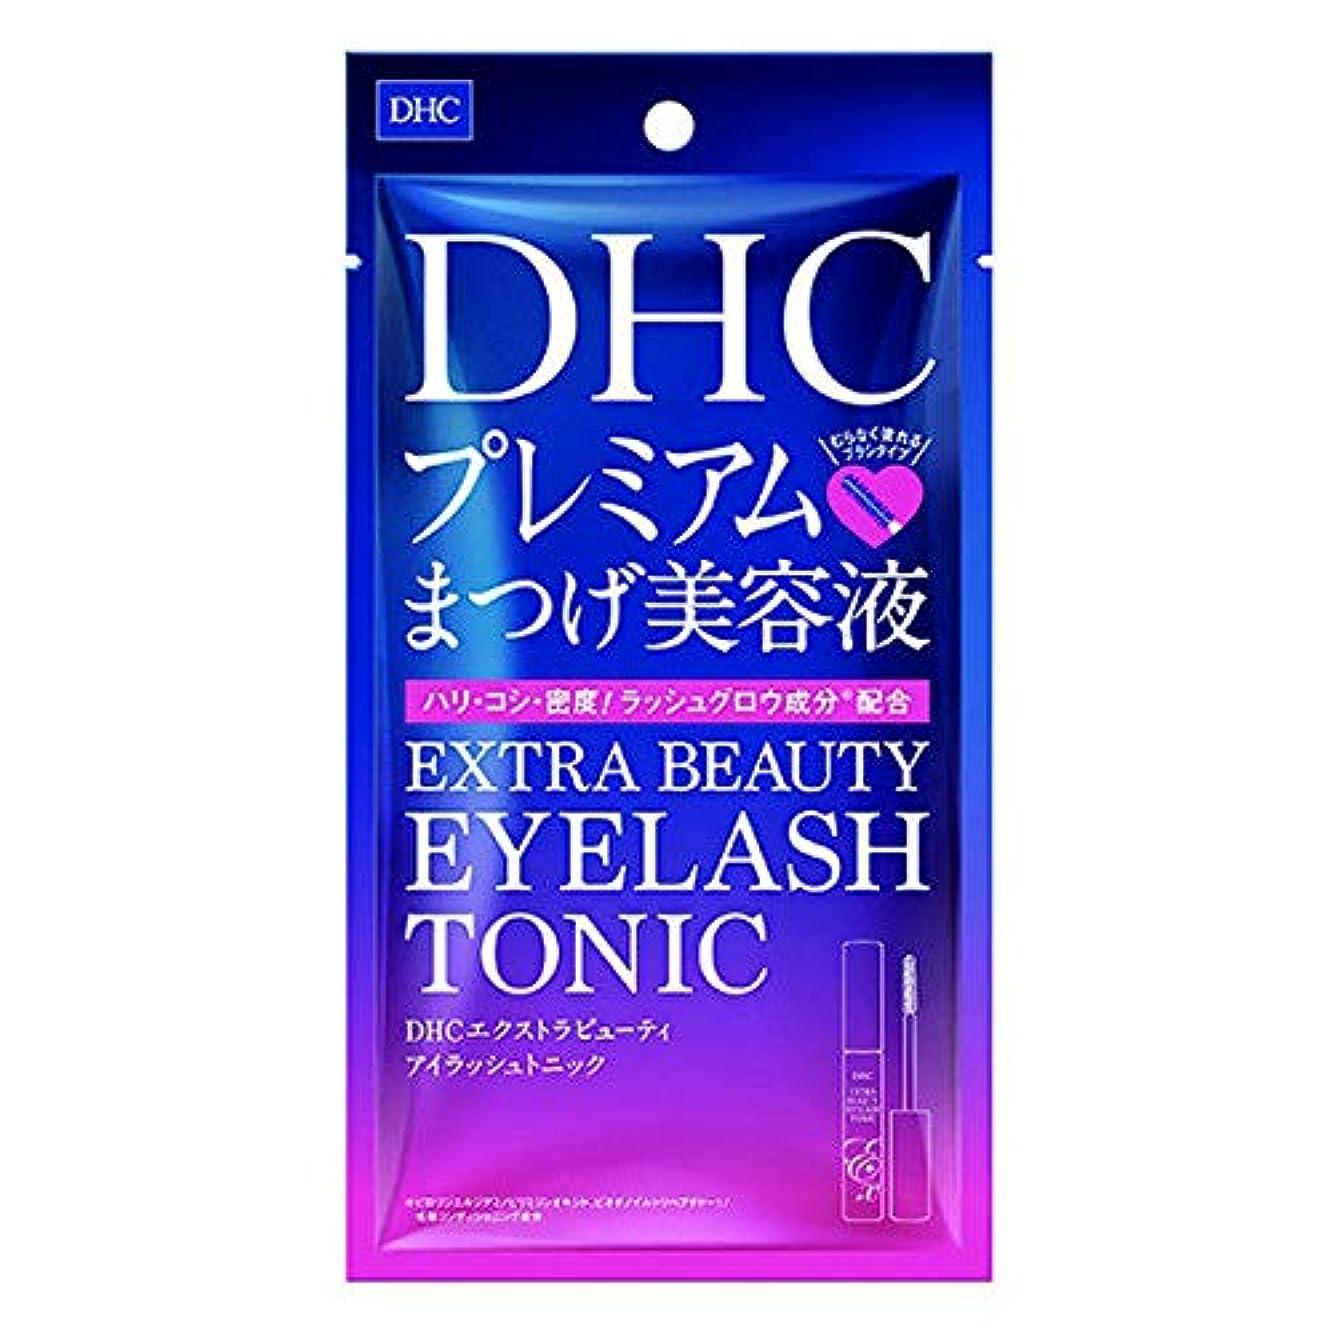 減らす禁じるヒューバートハドソンDHC エクストラビューティアイラッシュトニック 6.5ml プレミアムまつげ美容液